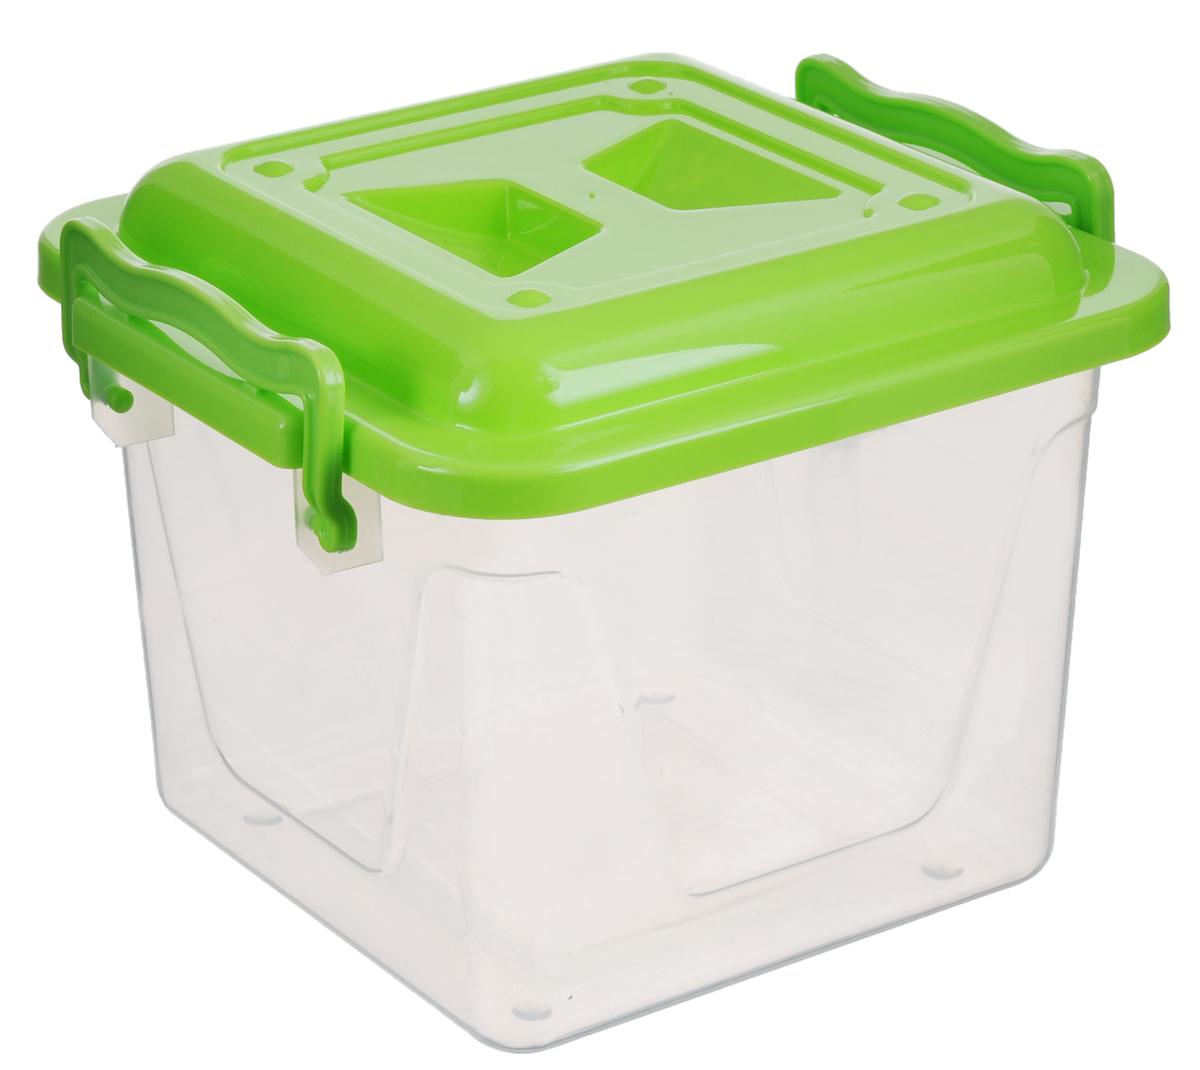 Контейнер Альтернатива, цвет: салатовый, прозрачный, 4 лМ1021_салатовый, прозрачныйКвадратный контейнер Альтернатива, выполненный из прочного пластика, предназначен для хранения различных бытовых вещей и продуктов. Он оснащен по бокам ручками, которые плотно закрывают крышку контейнера. Контейнер Альтернатива поможет хранить все в одном месте, а также защитит вещи от пыли, грязи и влаги.